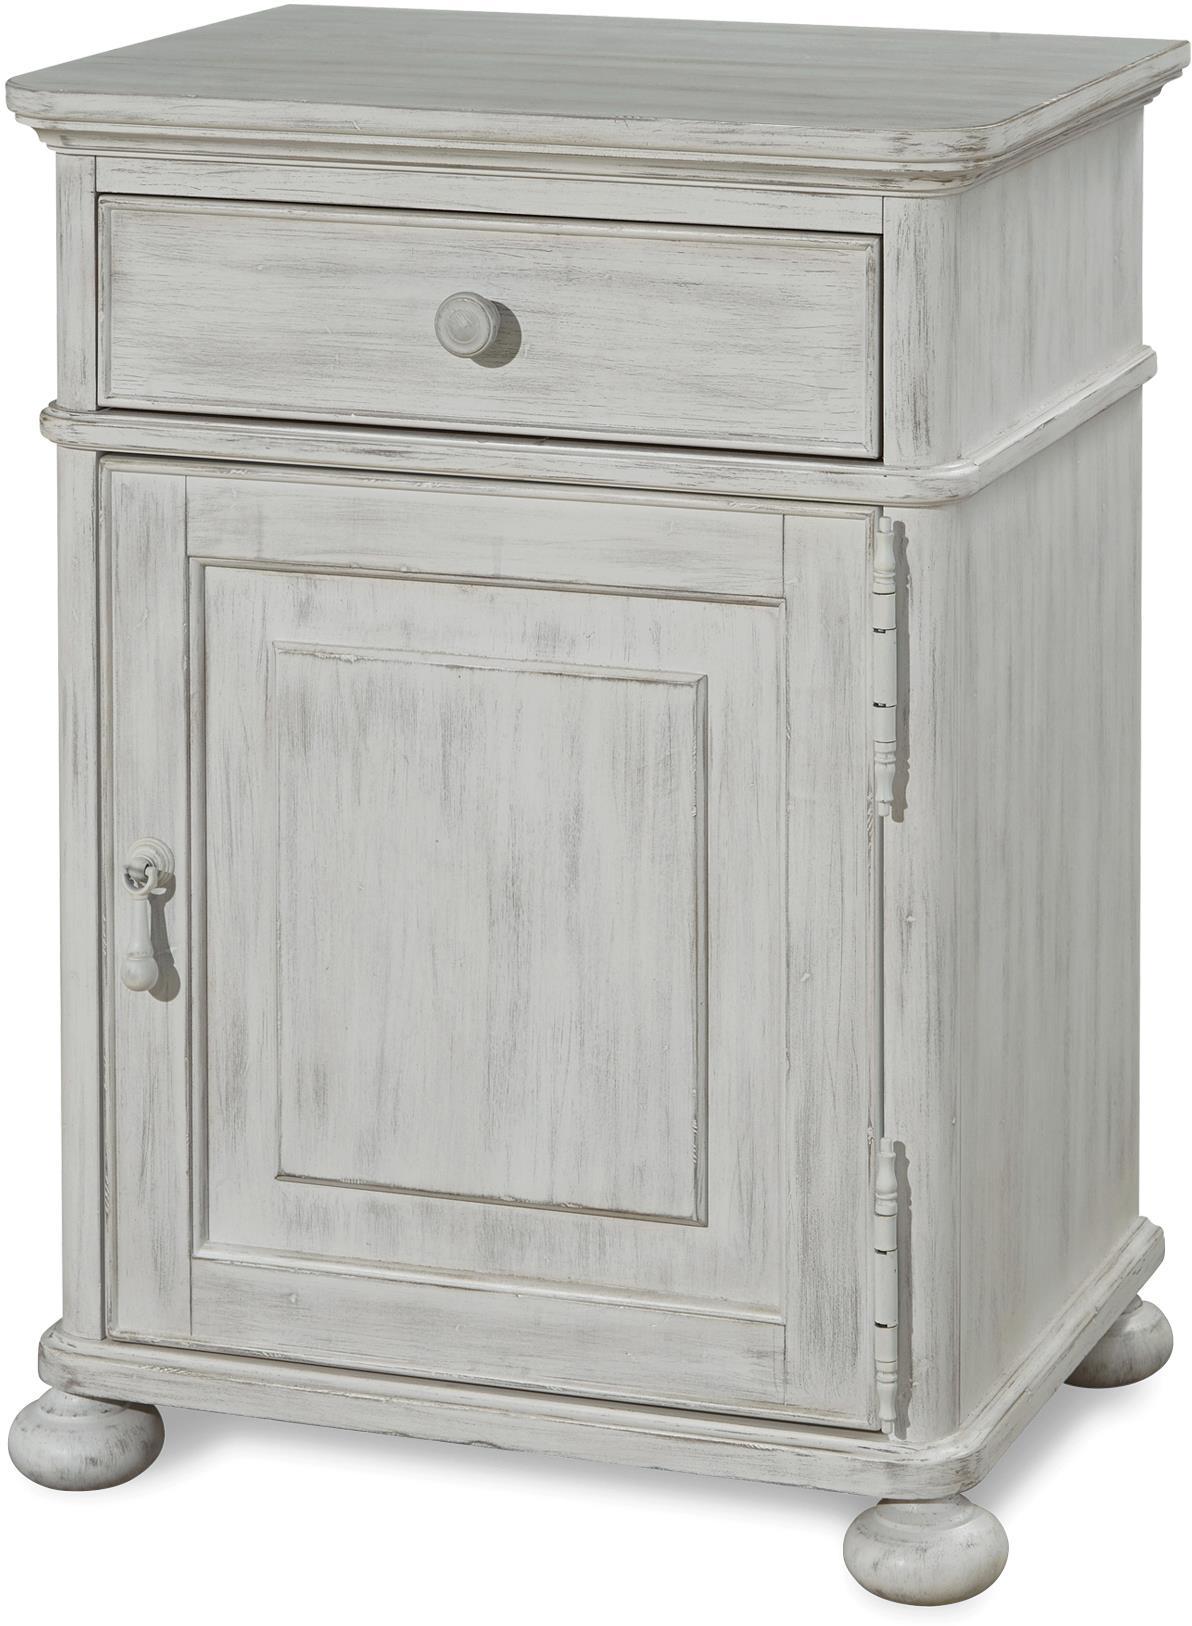 Universal Dogwood Door Nightstand - Item Number: 597365